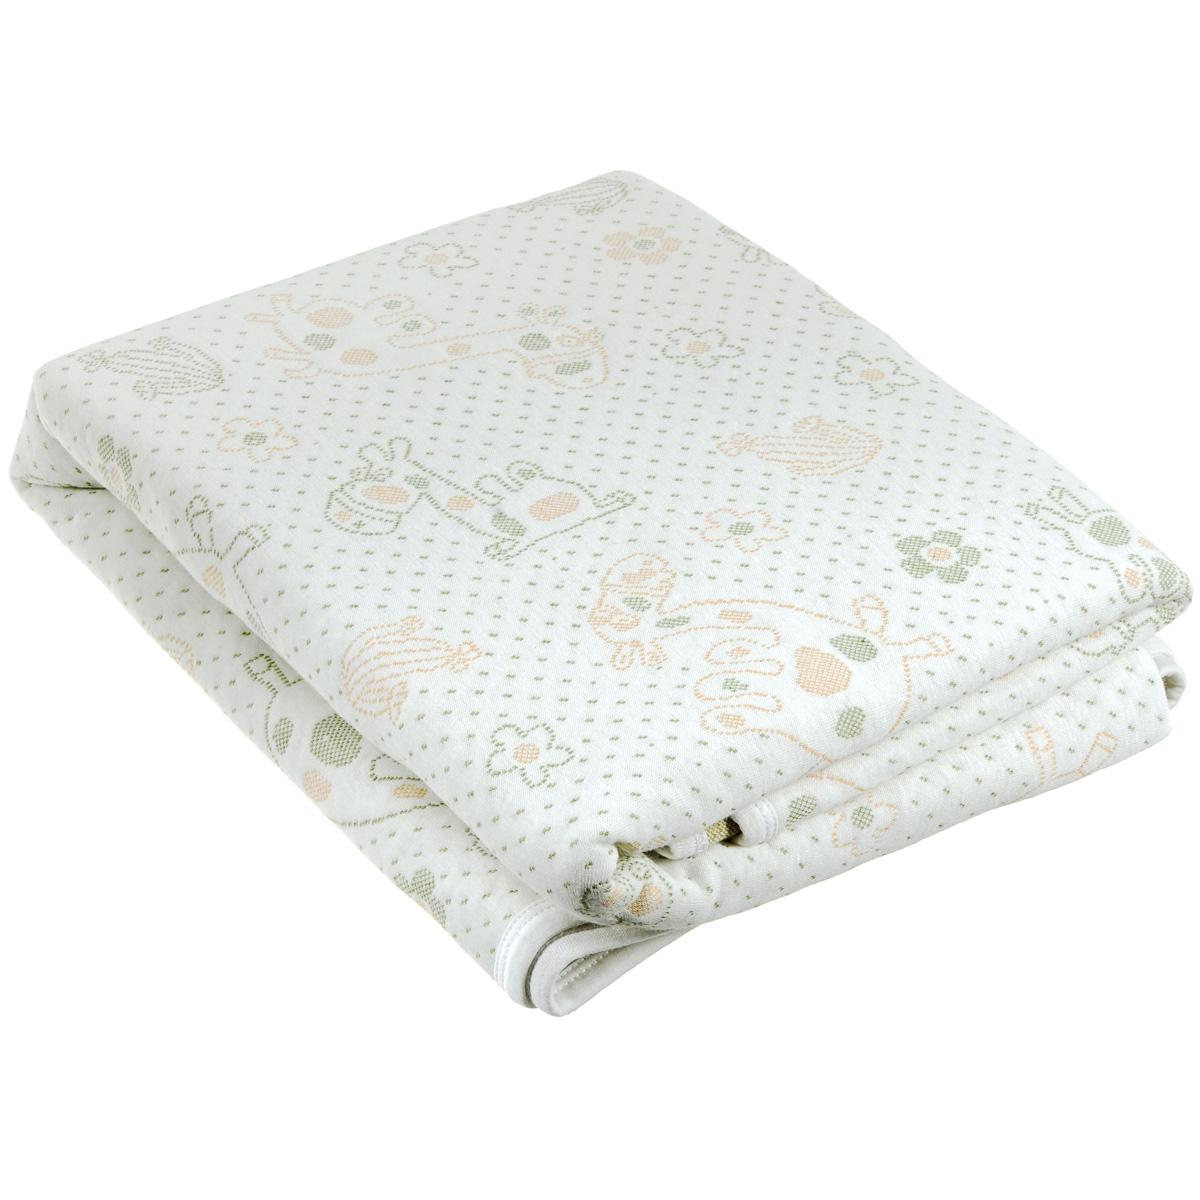 Плед-одеяло детский Baby Nice Верблюды, стеганый, цвет: бежевый, 100 см x 140 смQ317475Стеганый детский плед-одеяло Baby Nice Верблюды, изготовленный из мягкого натурального 100% хлопка, оформлен оригинальным рисунком. Плед-одеяло для новорожденных из мягкого и дышащего хлопка идеально подходит для комфортного сна малыша. Утеплитель нового поколения microfiber, помещенный между трикотажными полотнами с обеих сторон, делает изделие мягким, легким и одновременно теплым, создавая вашему малышу ощущение свежести и комфорта. Одеяло хорошо пропускает воздух и позволяет коже дышать, предотвращая повышенное потоотделение. Изделие сохраняет свои свойства даже после многочисленных стирок, быстро сохнет и не требует глажки. Во время прогулки такой плед послужит легким одеялом в коляску.